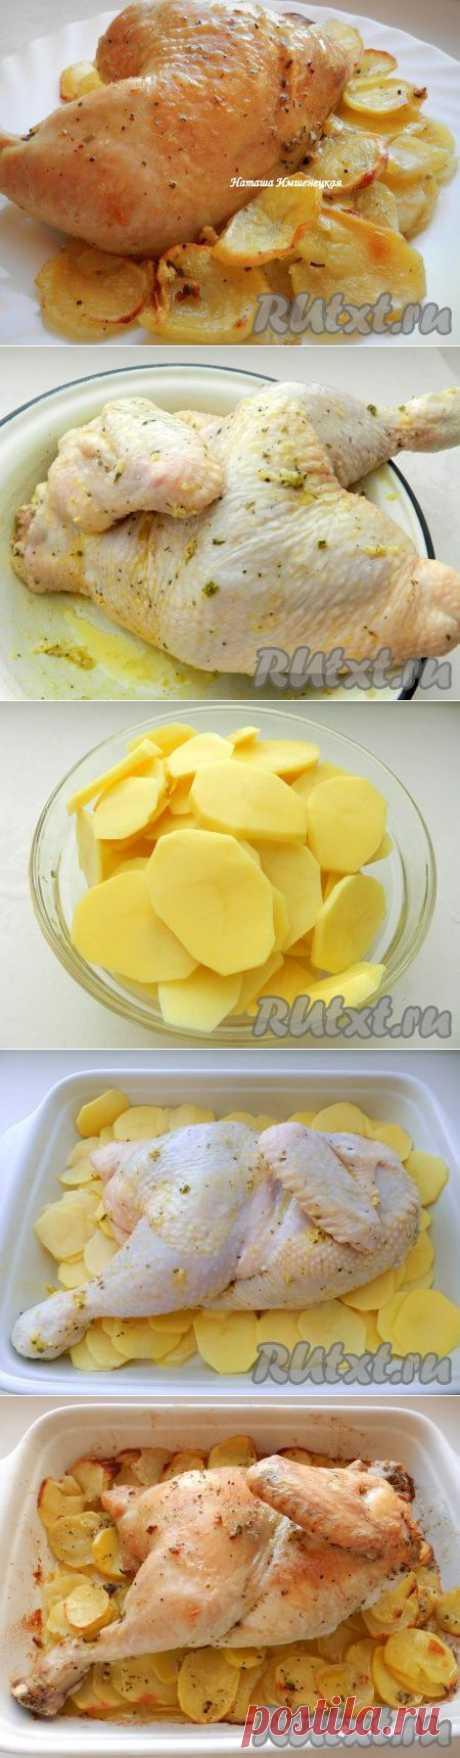 Как приготовить курицу с картофелем в духовке (рецепт с фото) | RUtxt.ru